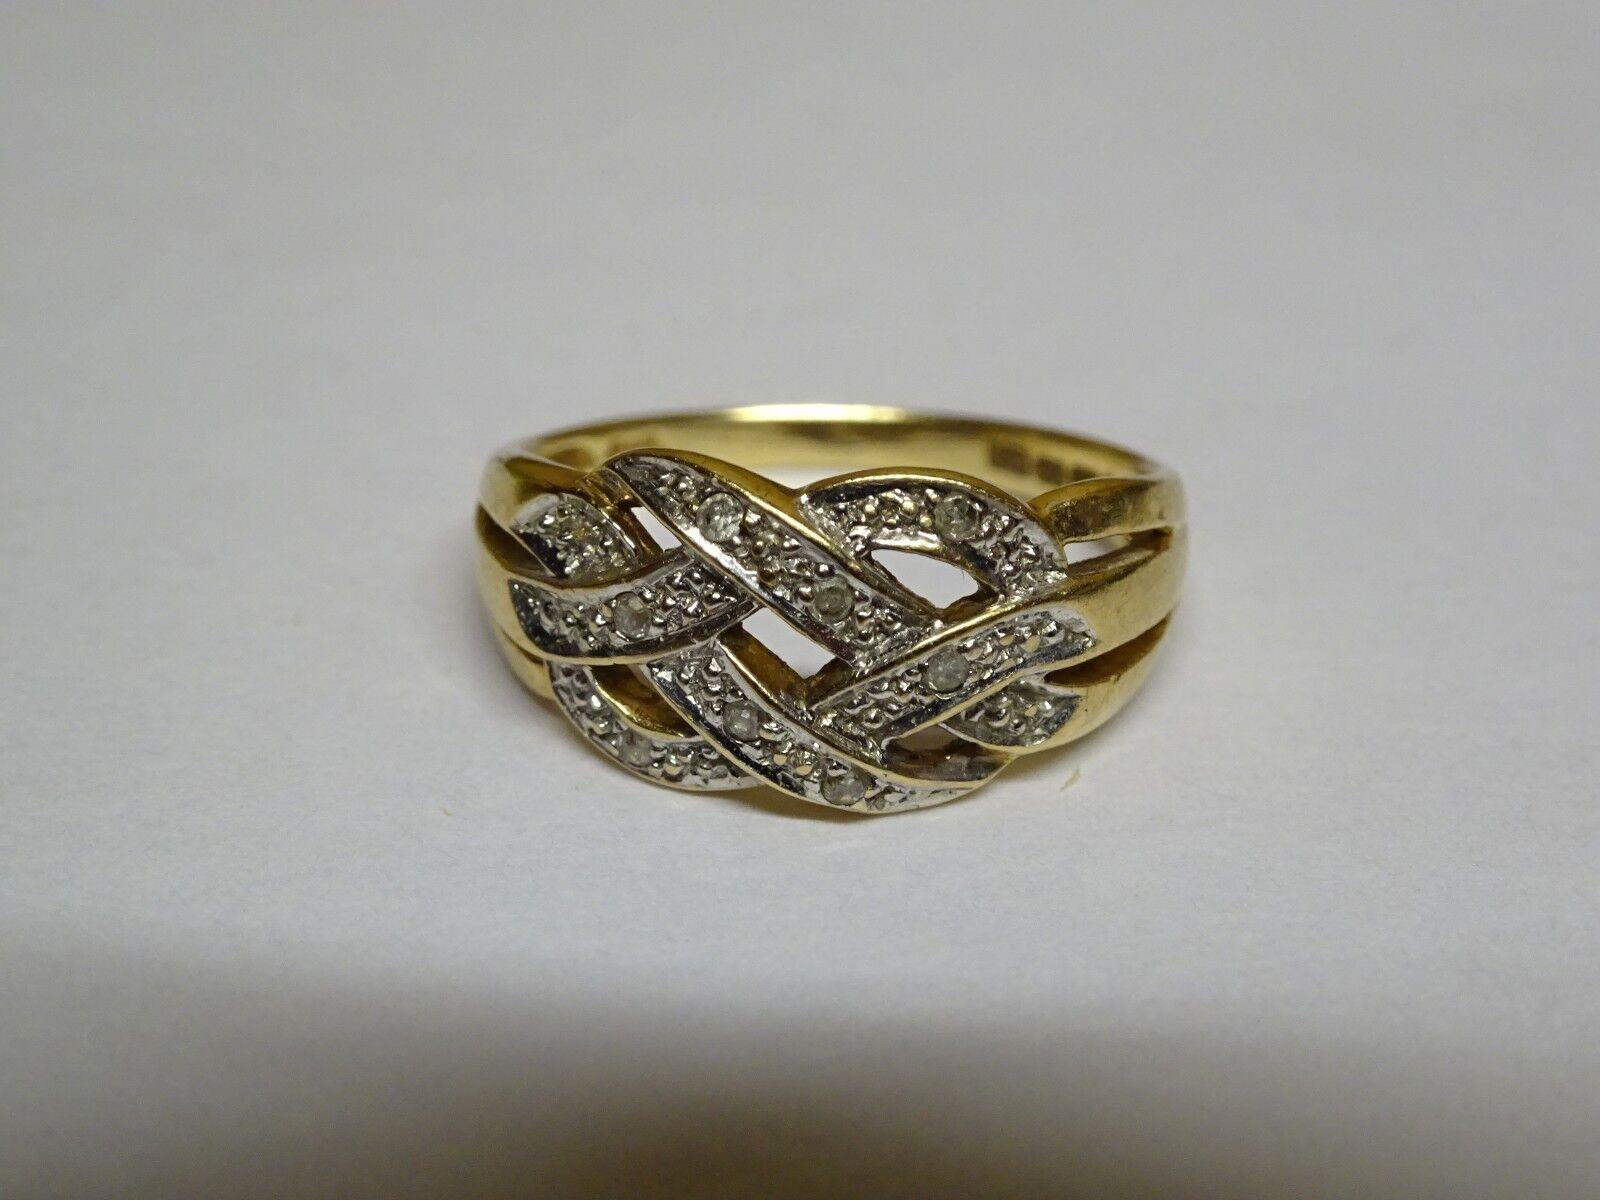 VINTAGE 9ct 9ct 9ct oro giallo stile di intreccio e Diamante Anello-Dimensione N - 2.24g b95d9c